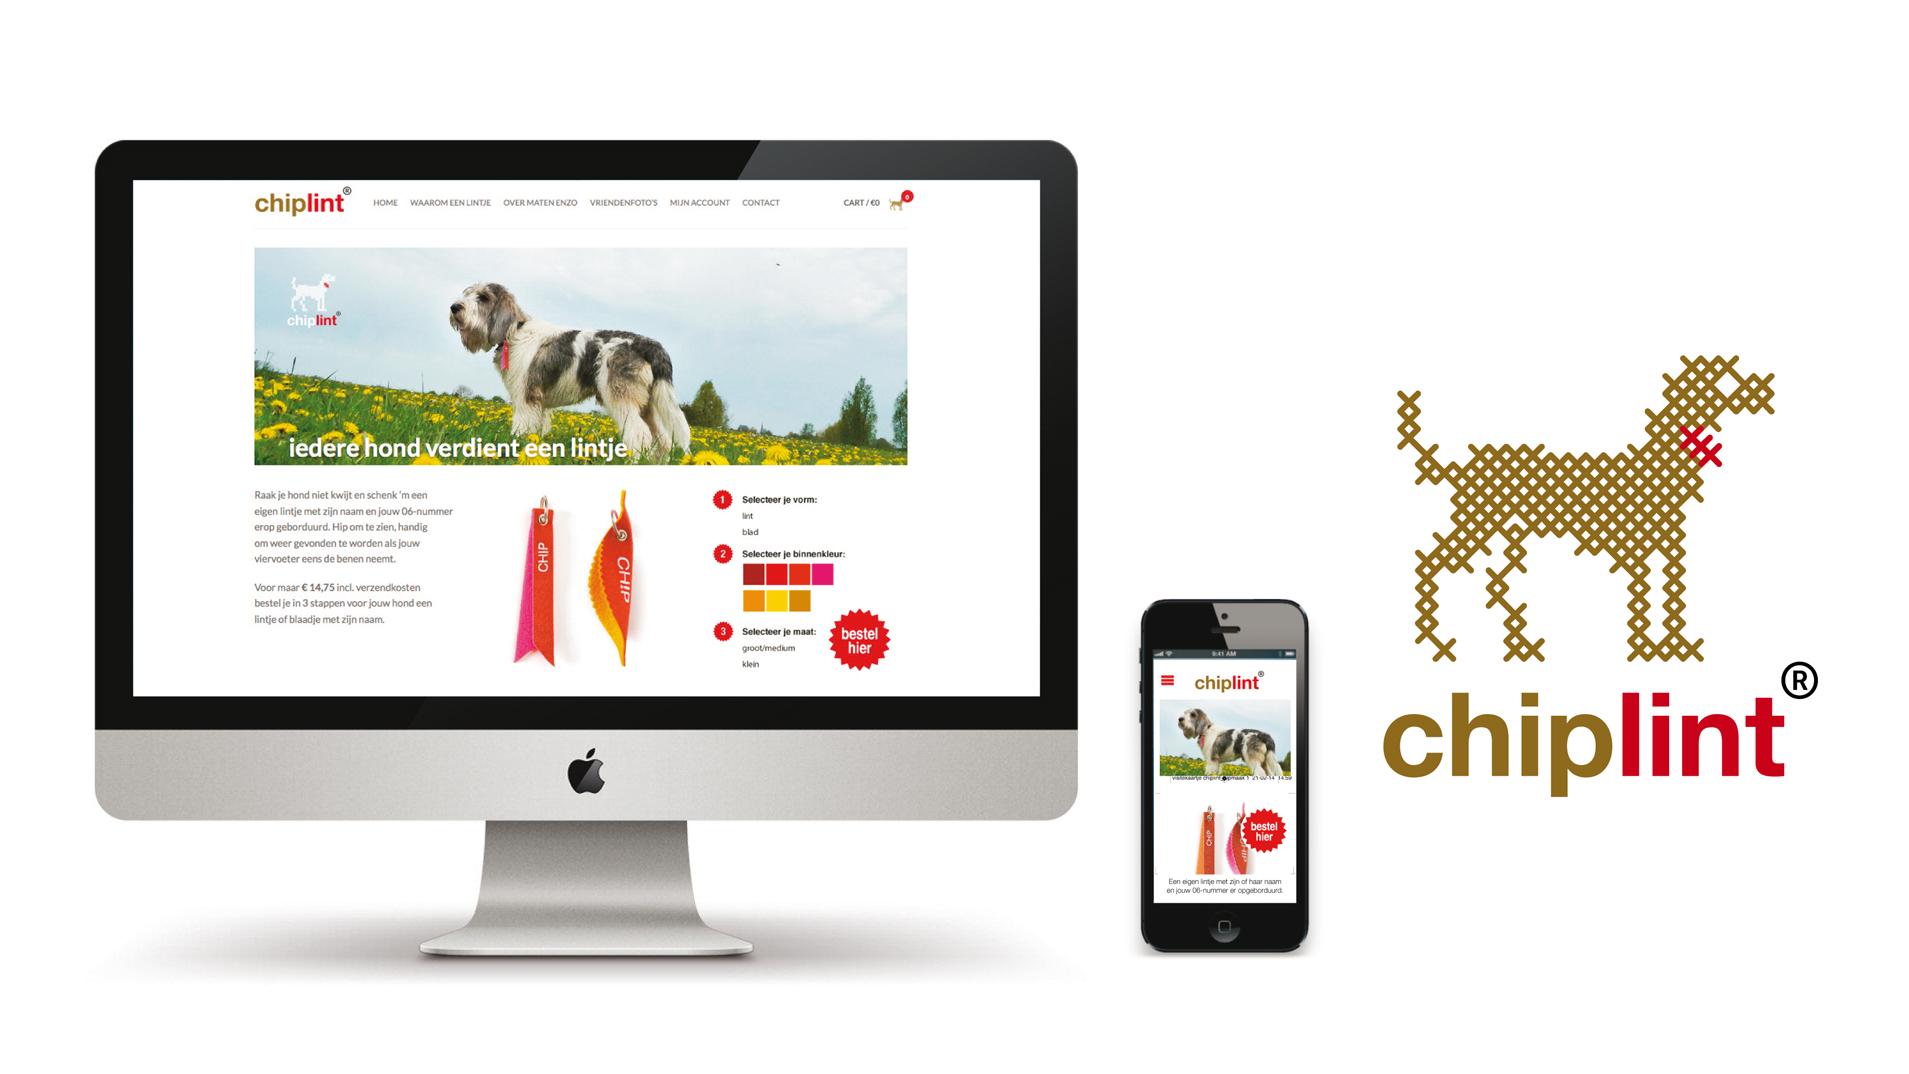 Idee, ontwikkeling en vormgeving voor het lanceren van een nieuw product - Chiplint